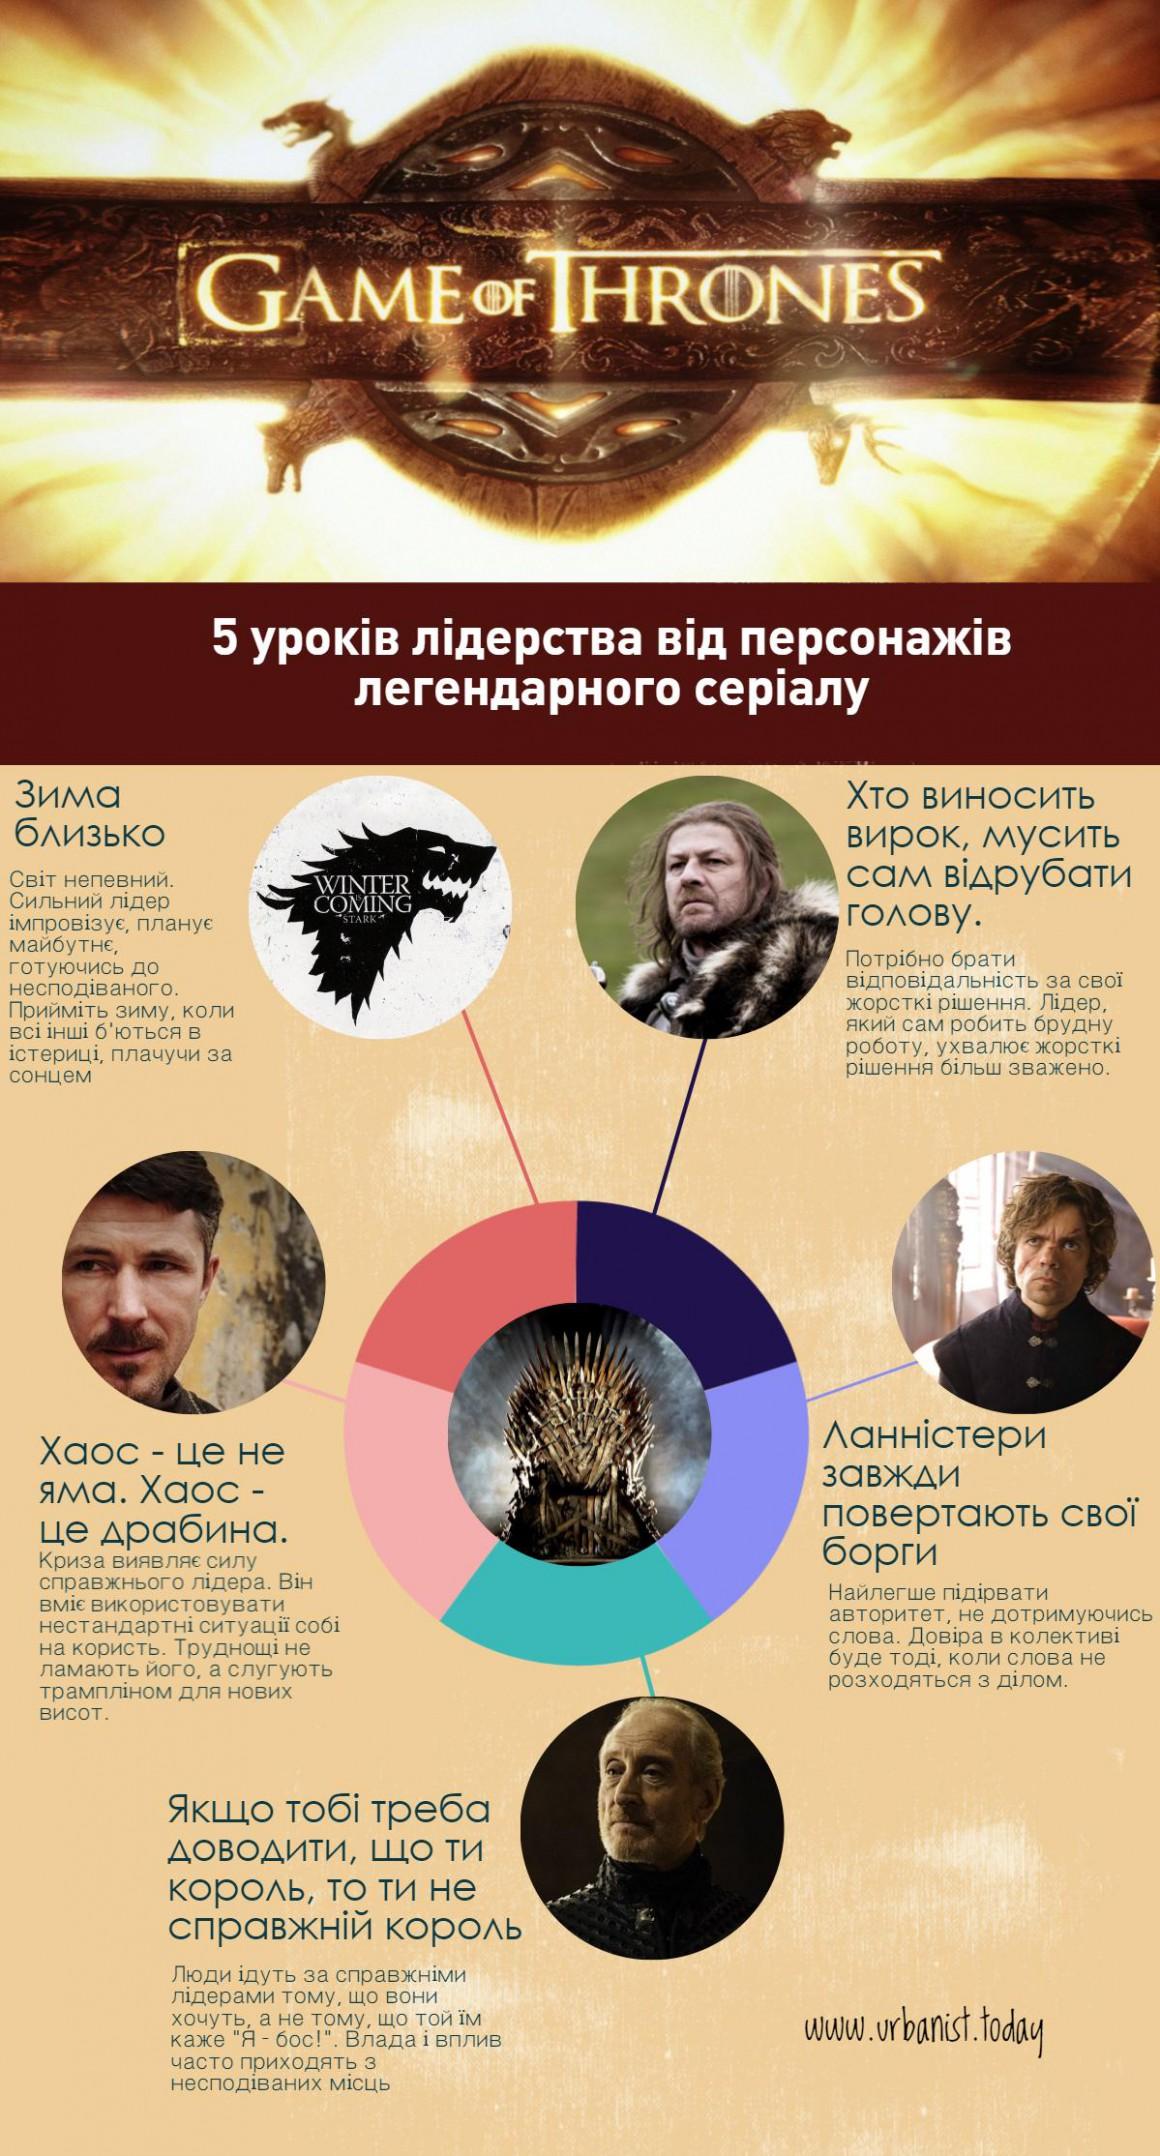 """Уроки лідерства від """"Гри престолів"""""""